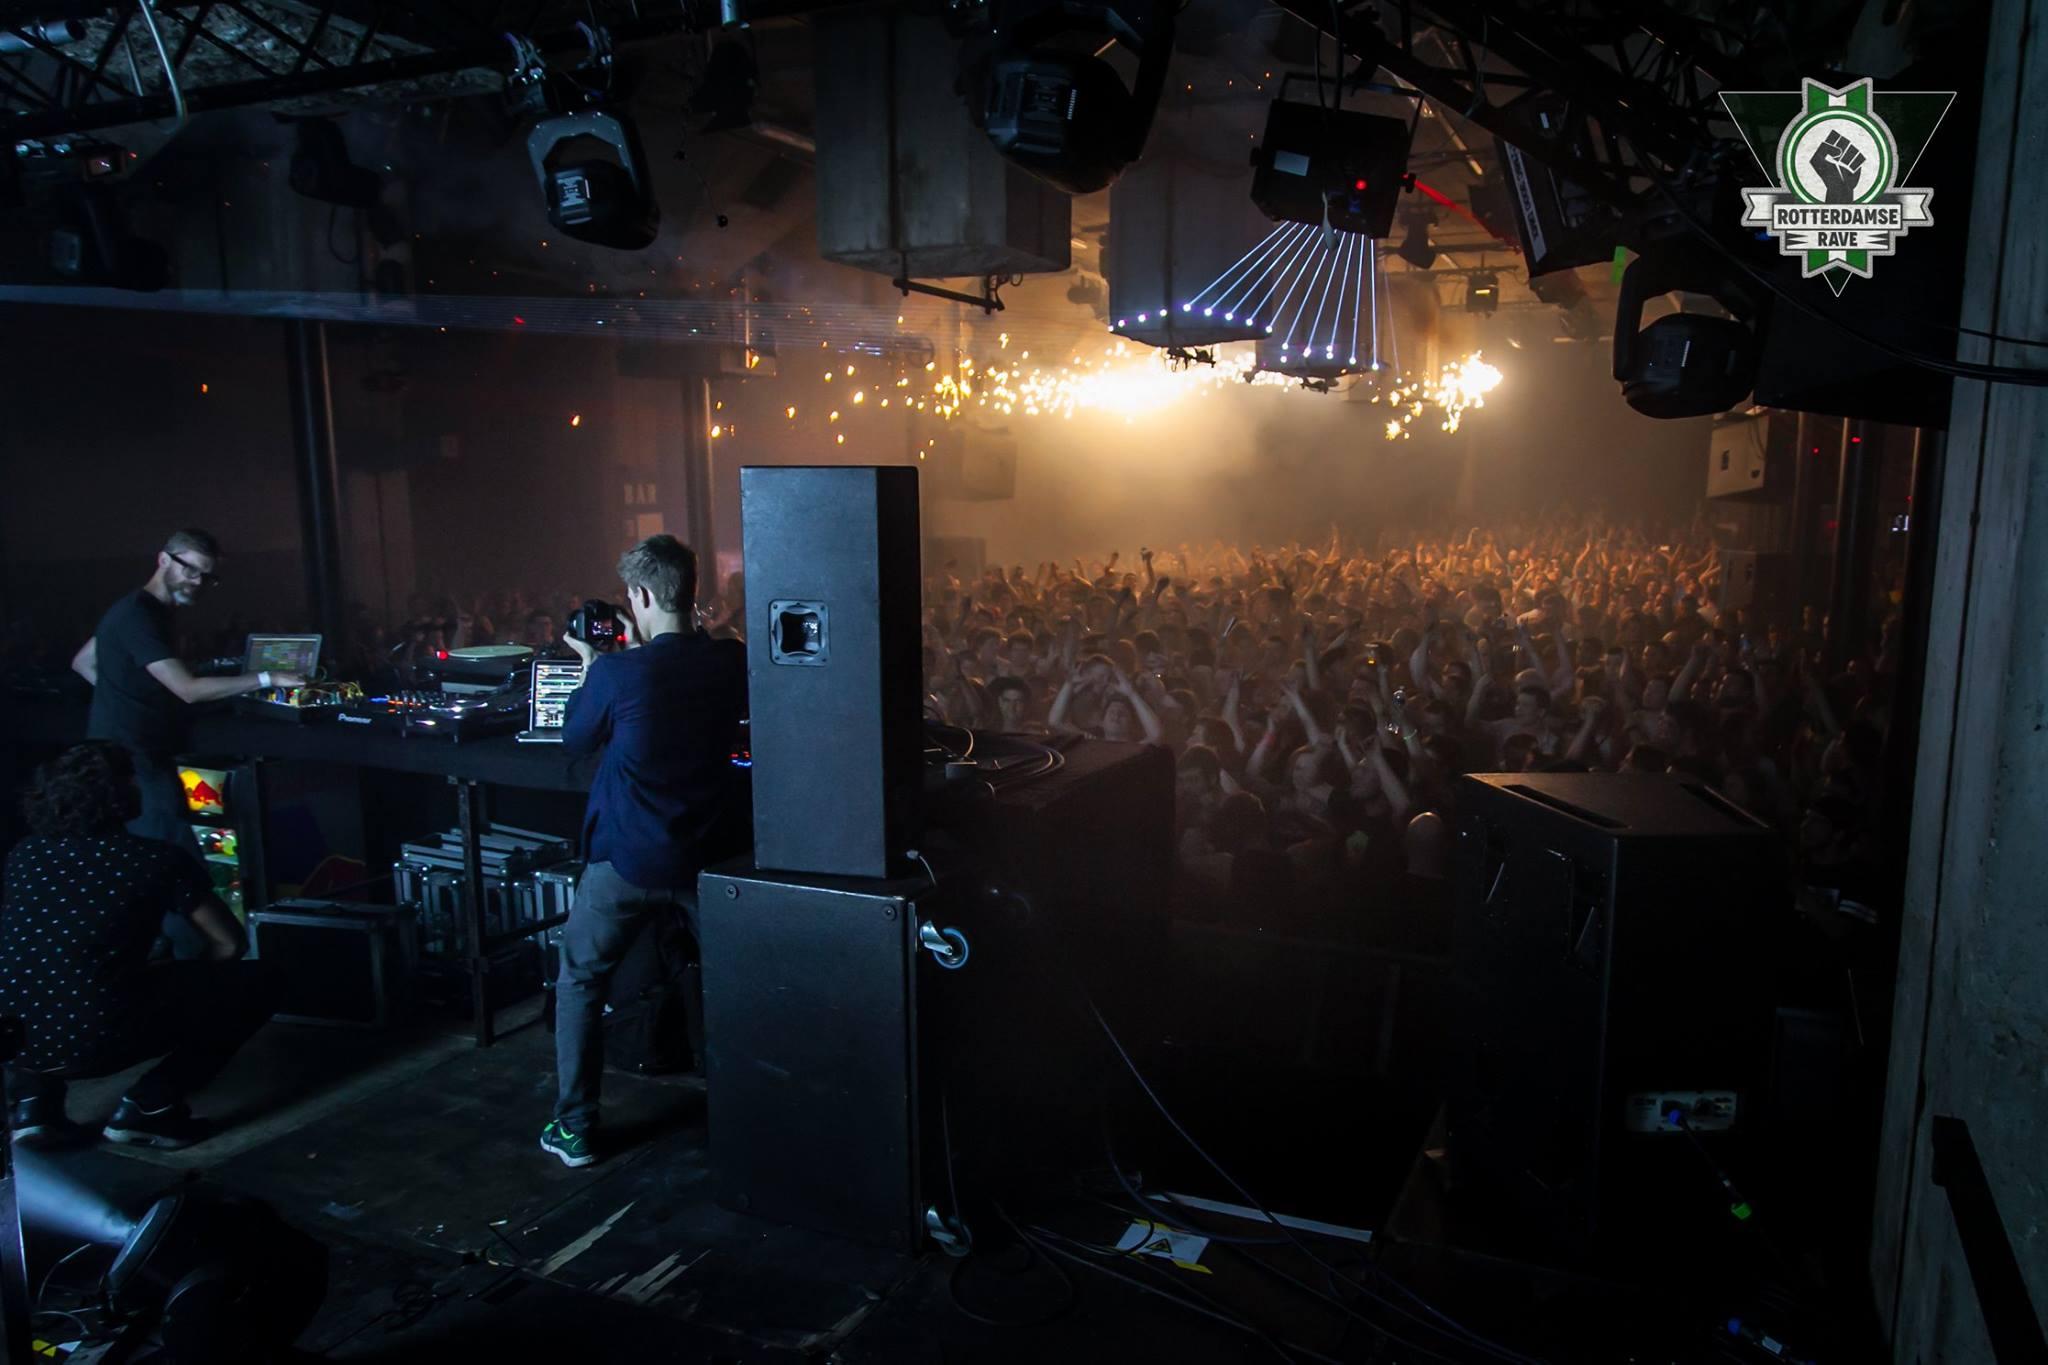 Rotterdamse Rave